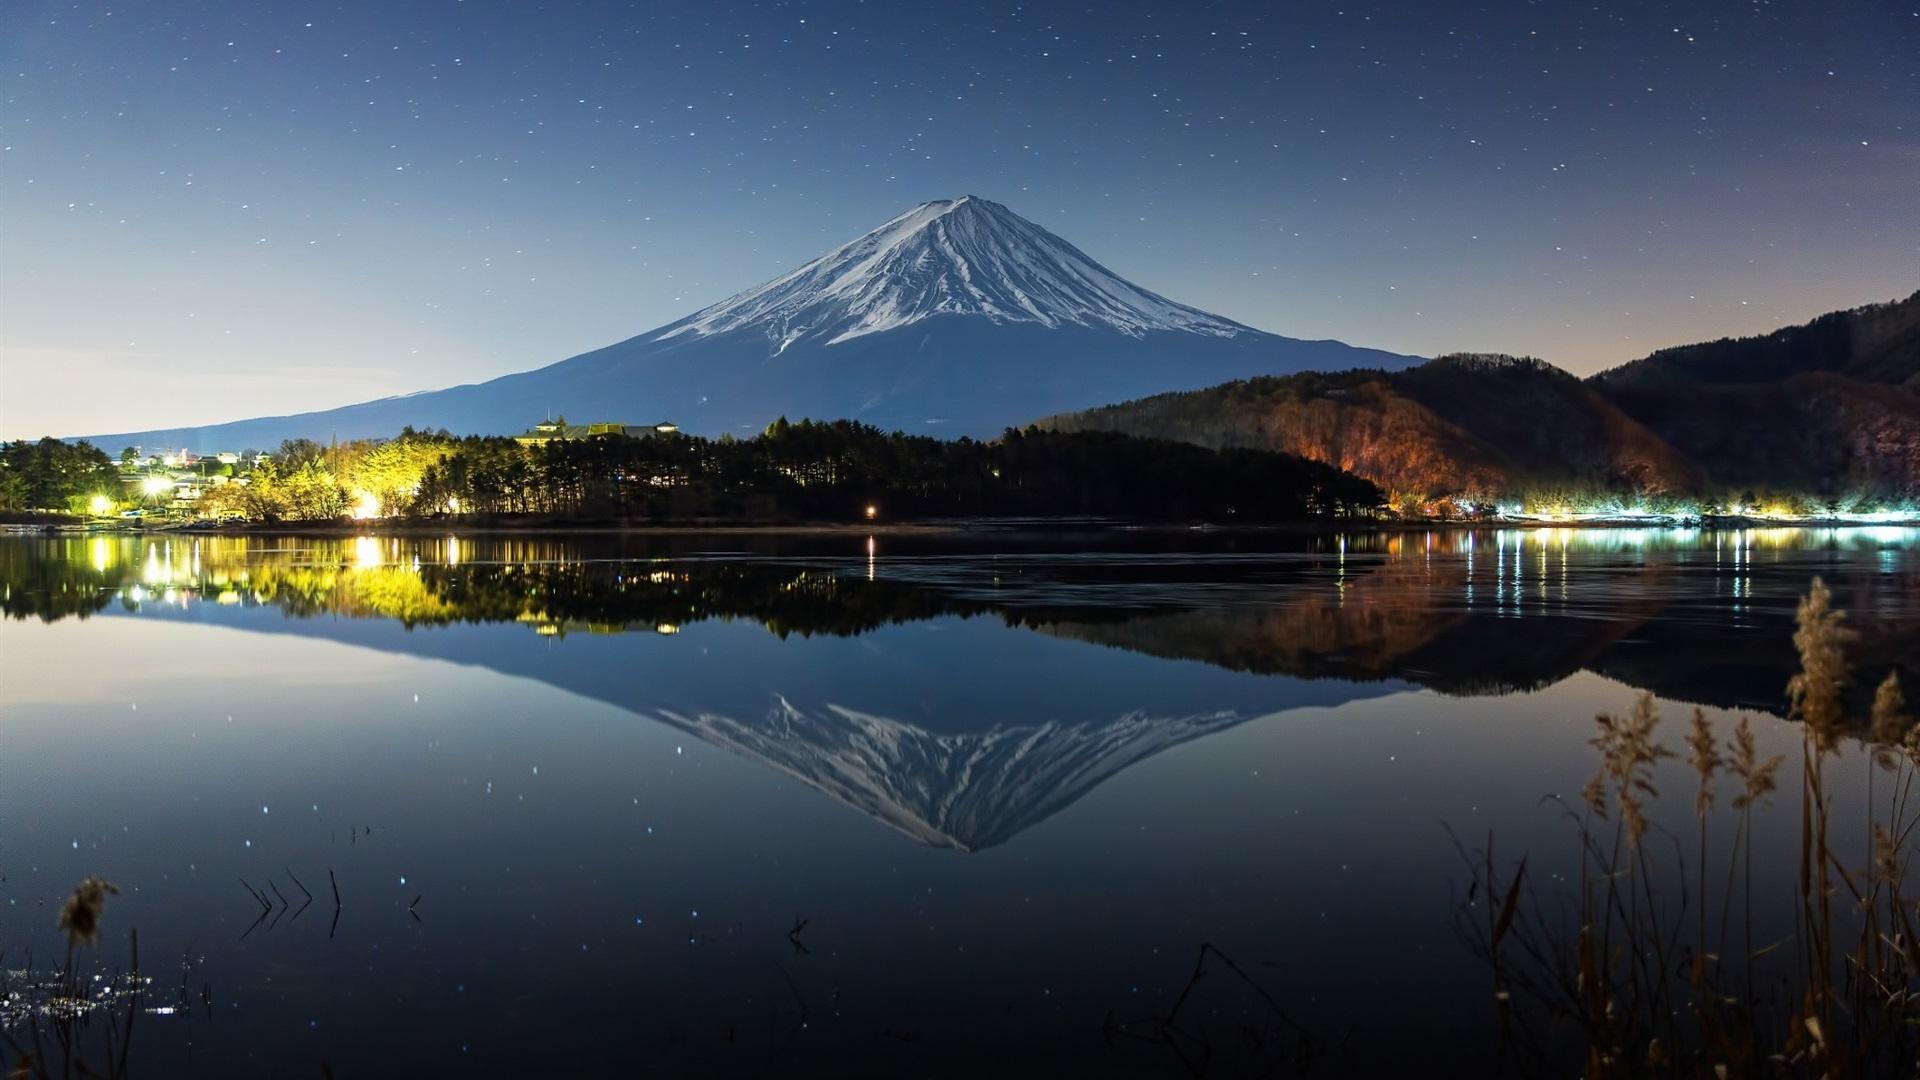 ... 富士山、夜、冬、湖、ライト 壁紙 - 1920x1080 フルHD Hd Wallpaper 1920x1080